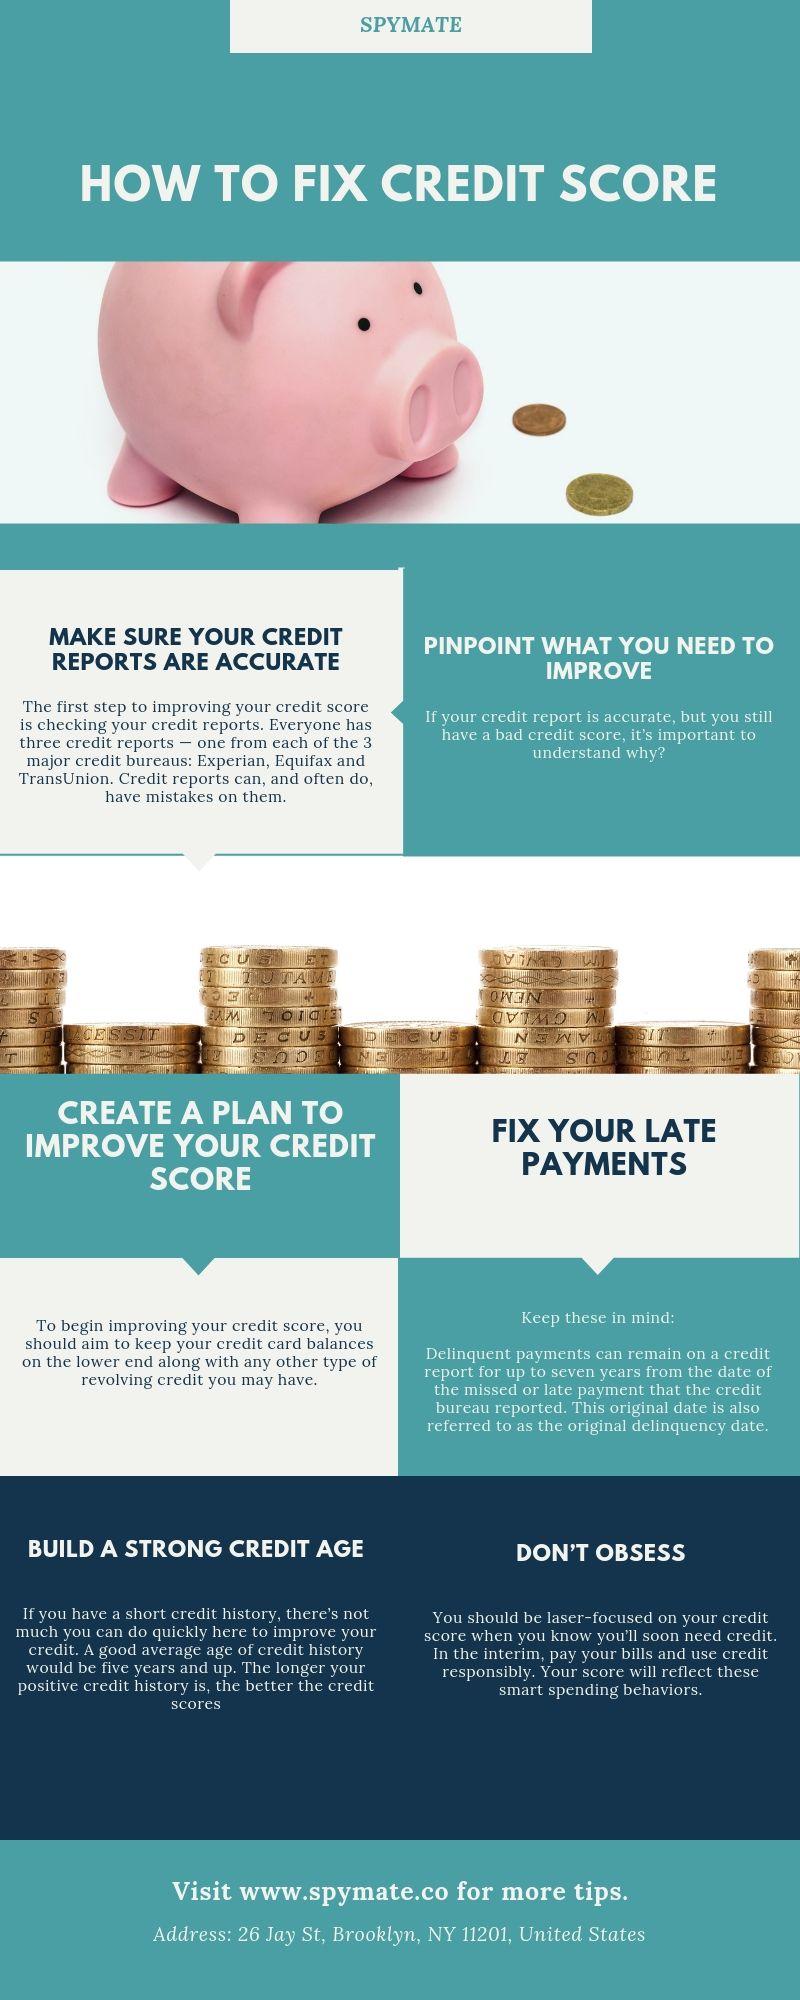 How to fix credit score how to fix credit credit score